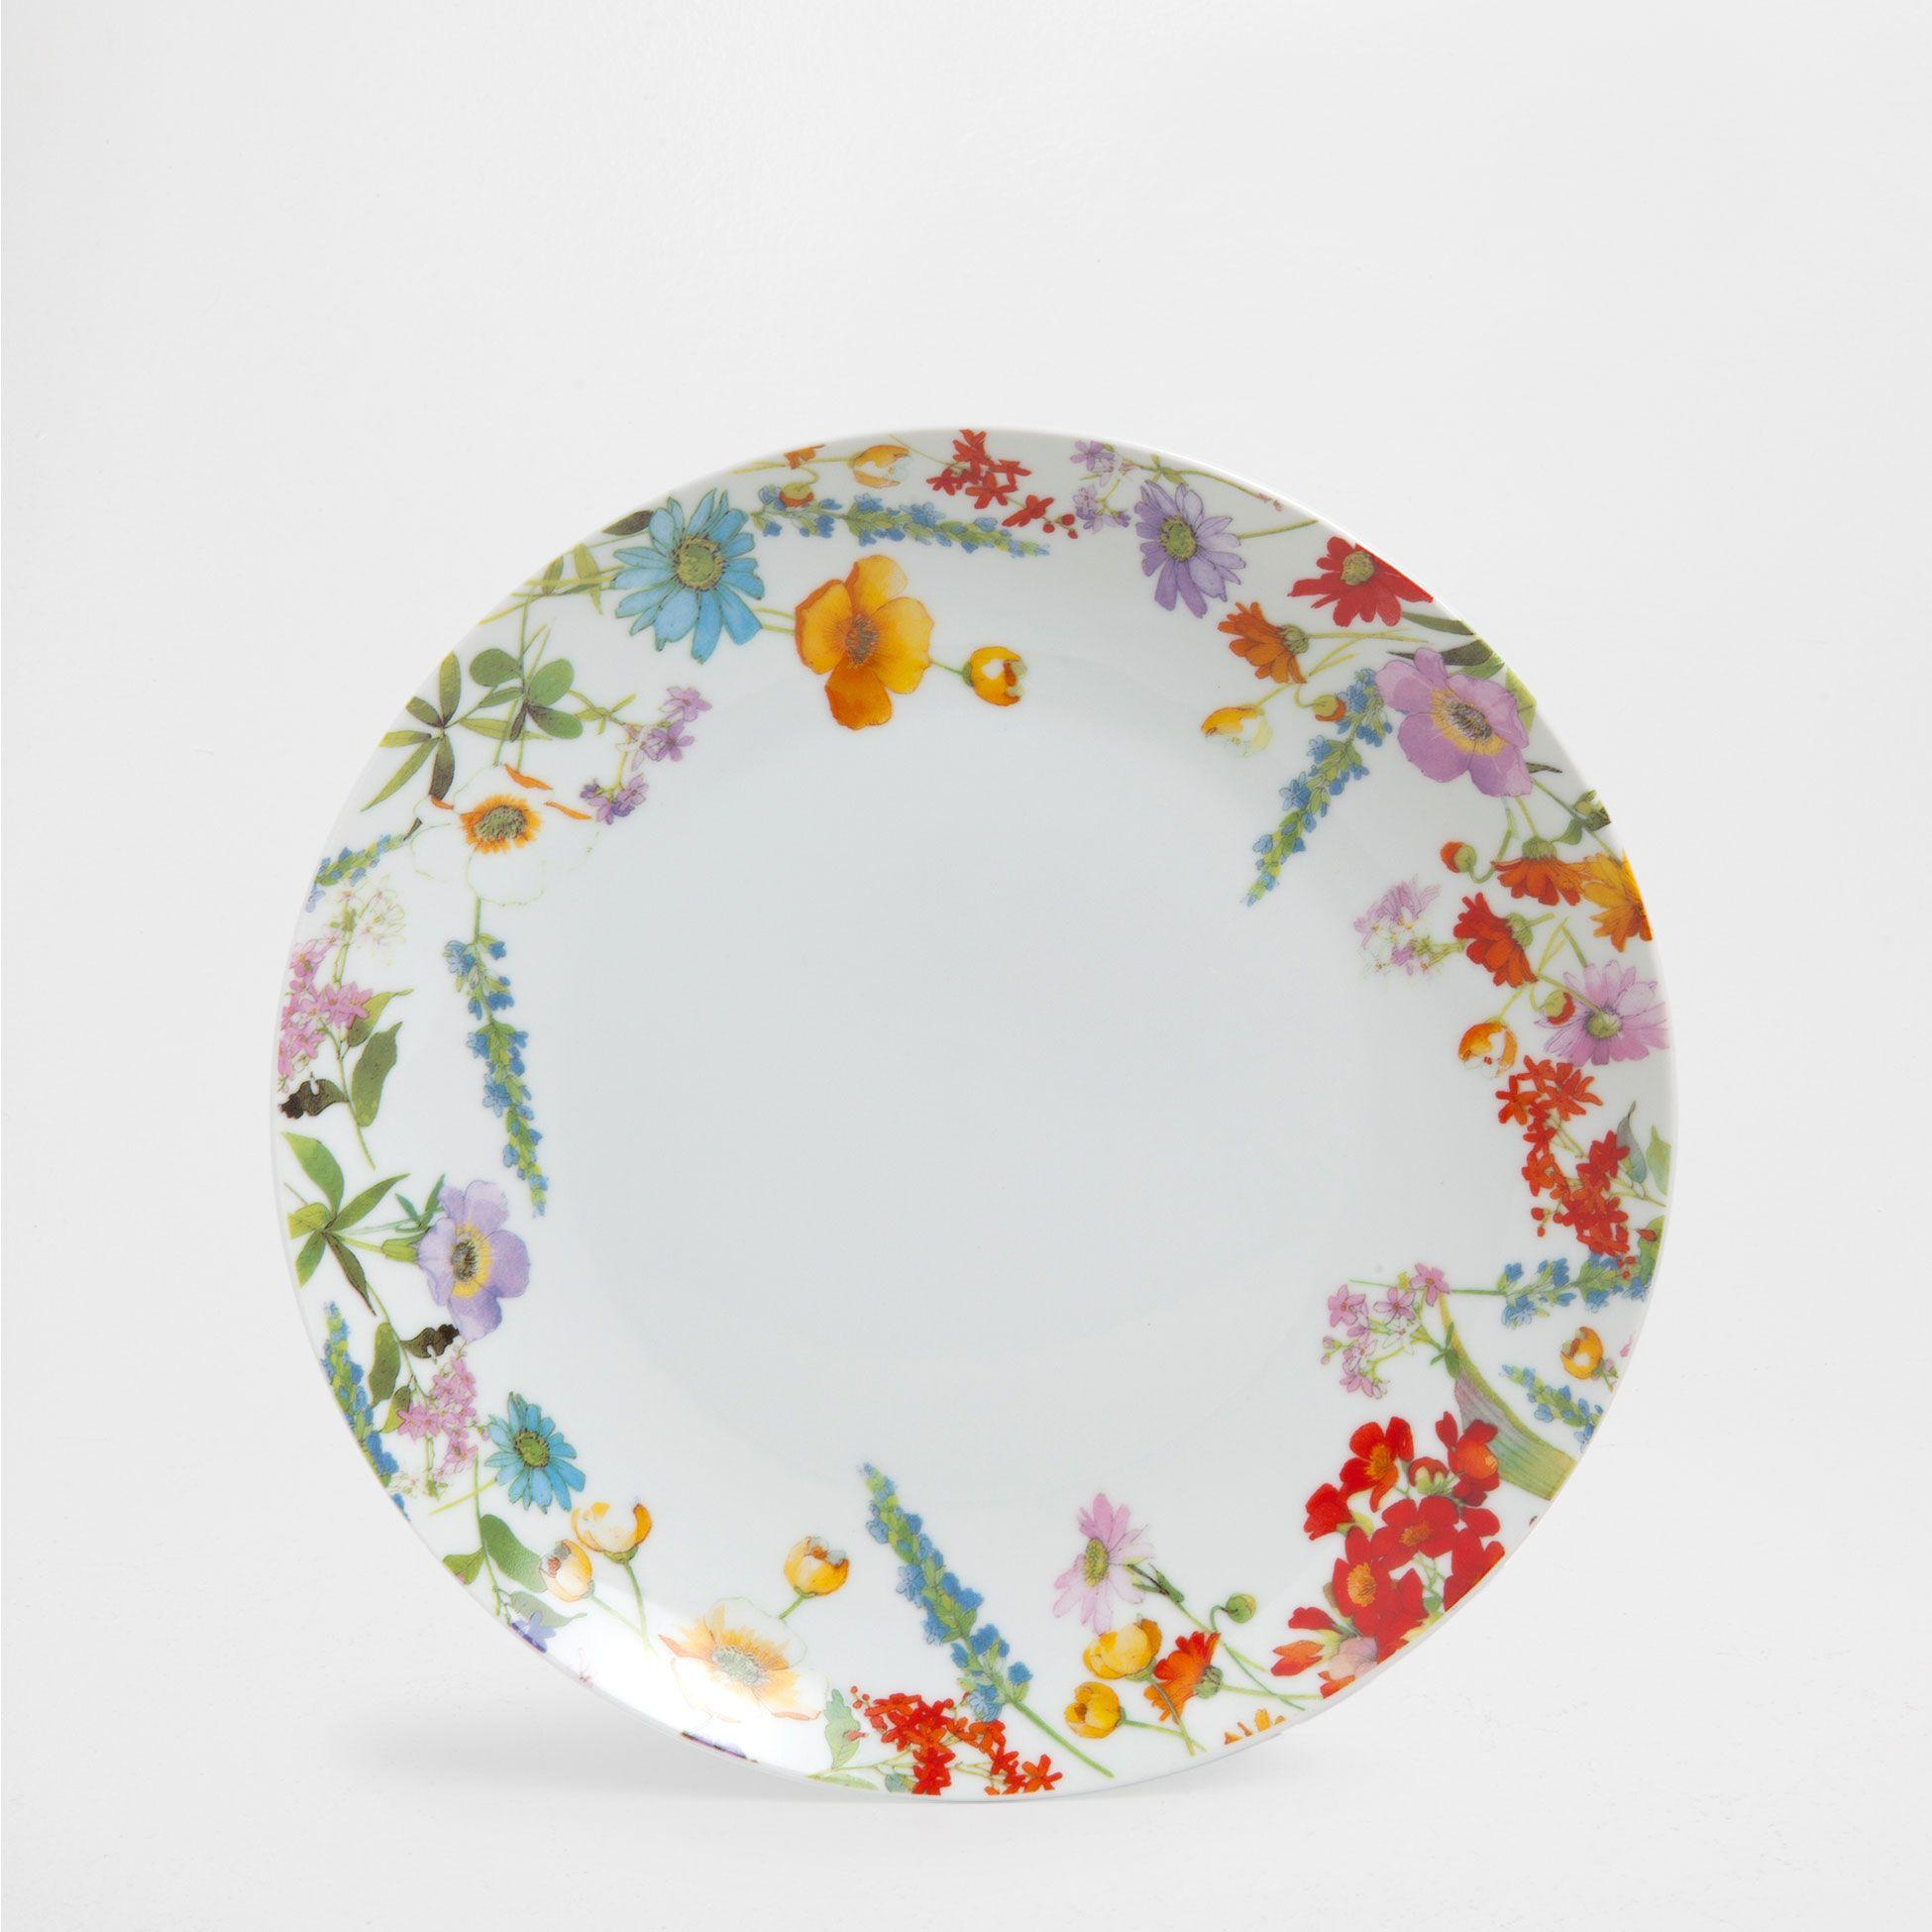 Vajilla flores porcelana vajilla mesa zara home espa a ideas para el hogar pinterest - El pais vajilla zara home ...